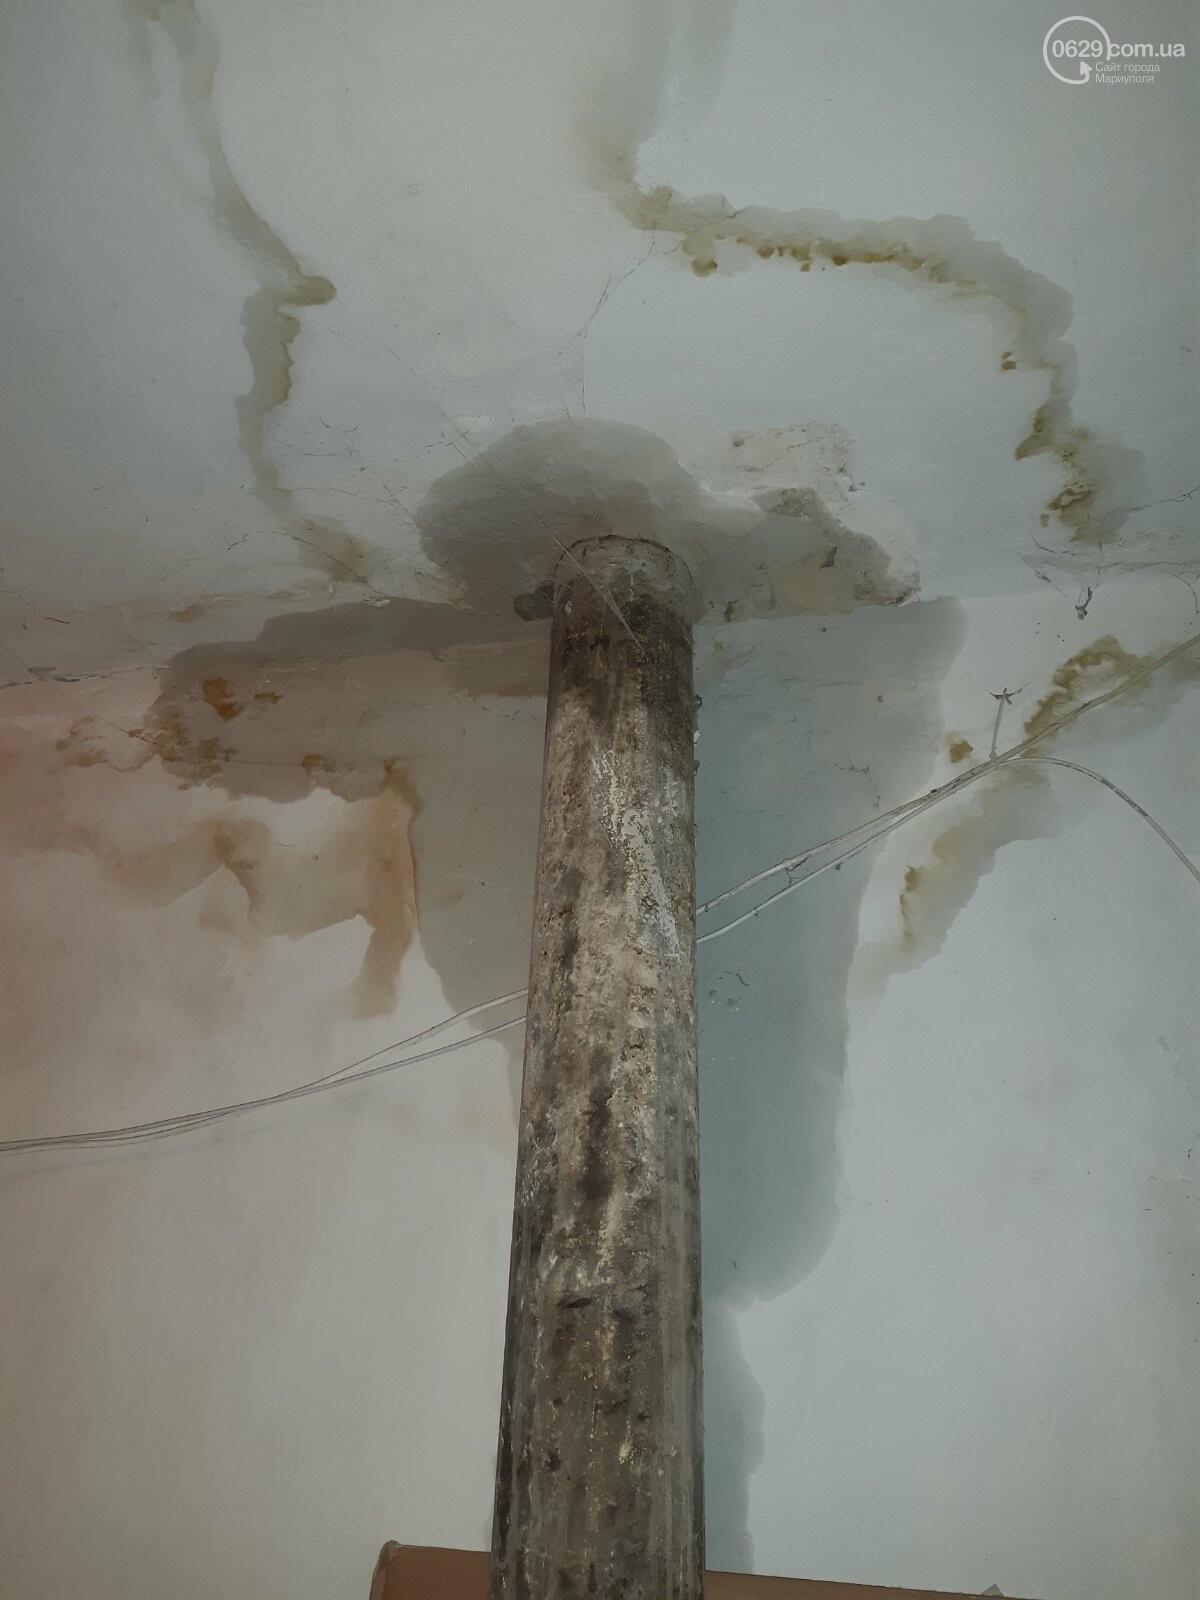 Протікаючий дах в одній з 9-поверхівок Маріуполя став каменем спотикання мешканців, - ФОТО, фото-4